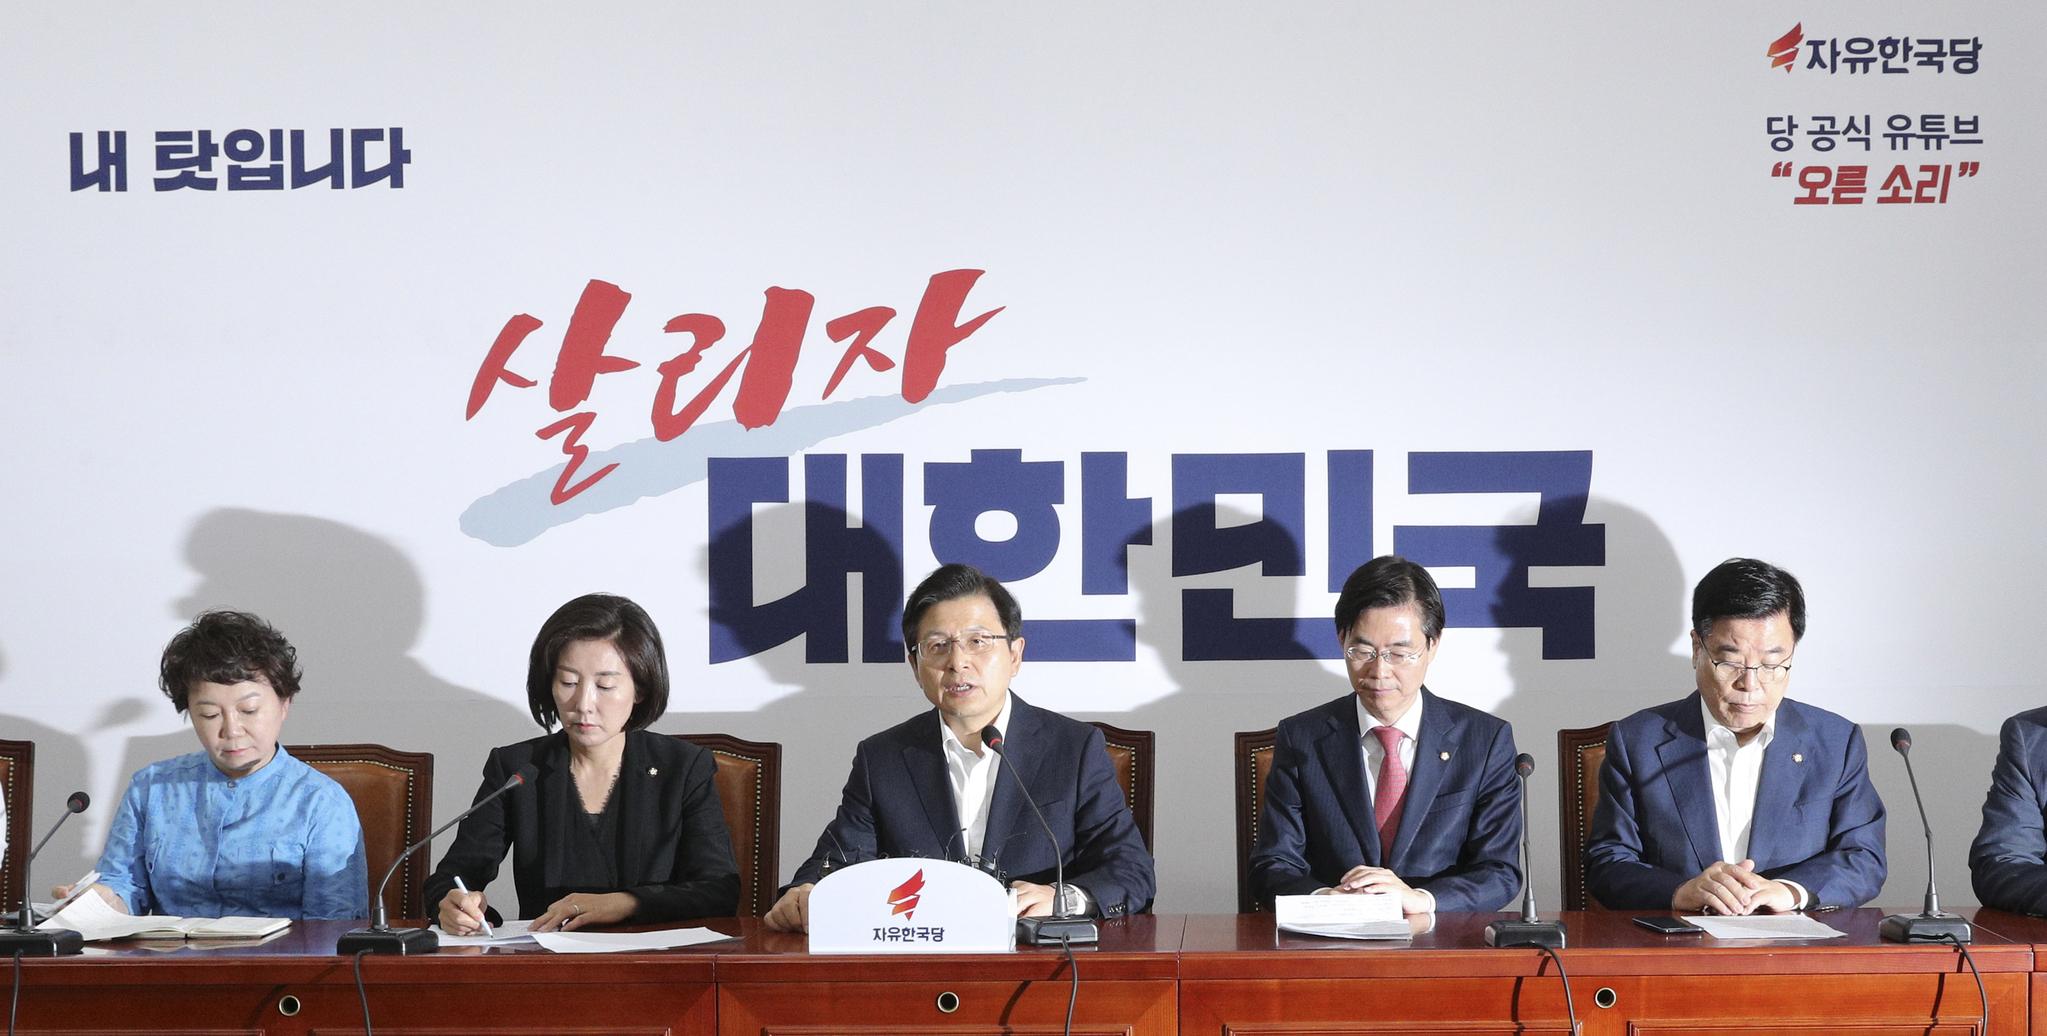 1일 오전 국회에서 열린 자유한국당 최고위원회의에서 황교안 대표(가운데)가 모두발언을 하고 있다.  임현동 기자